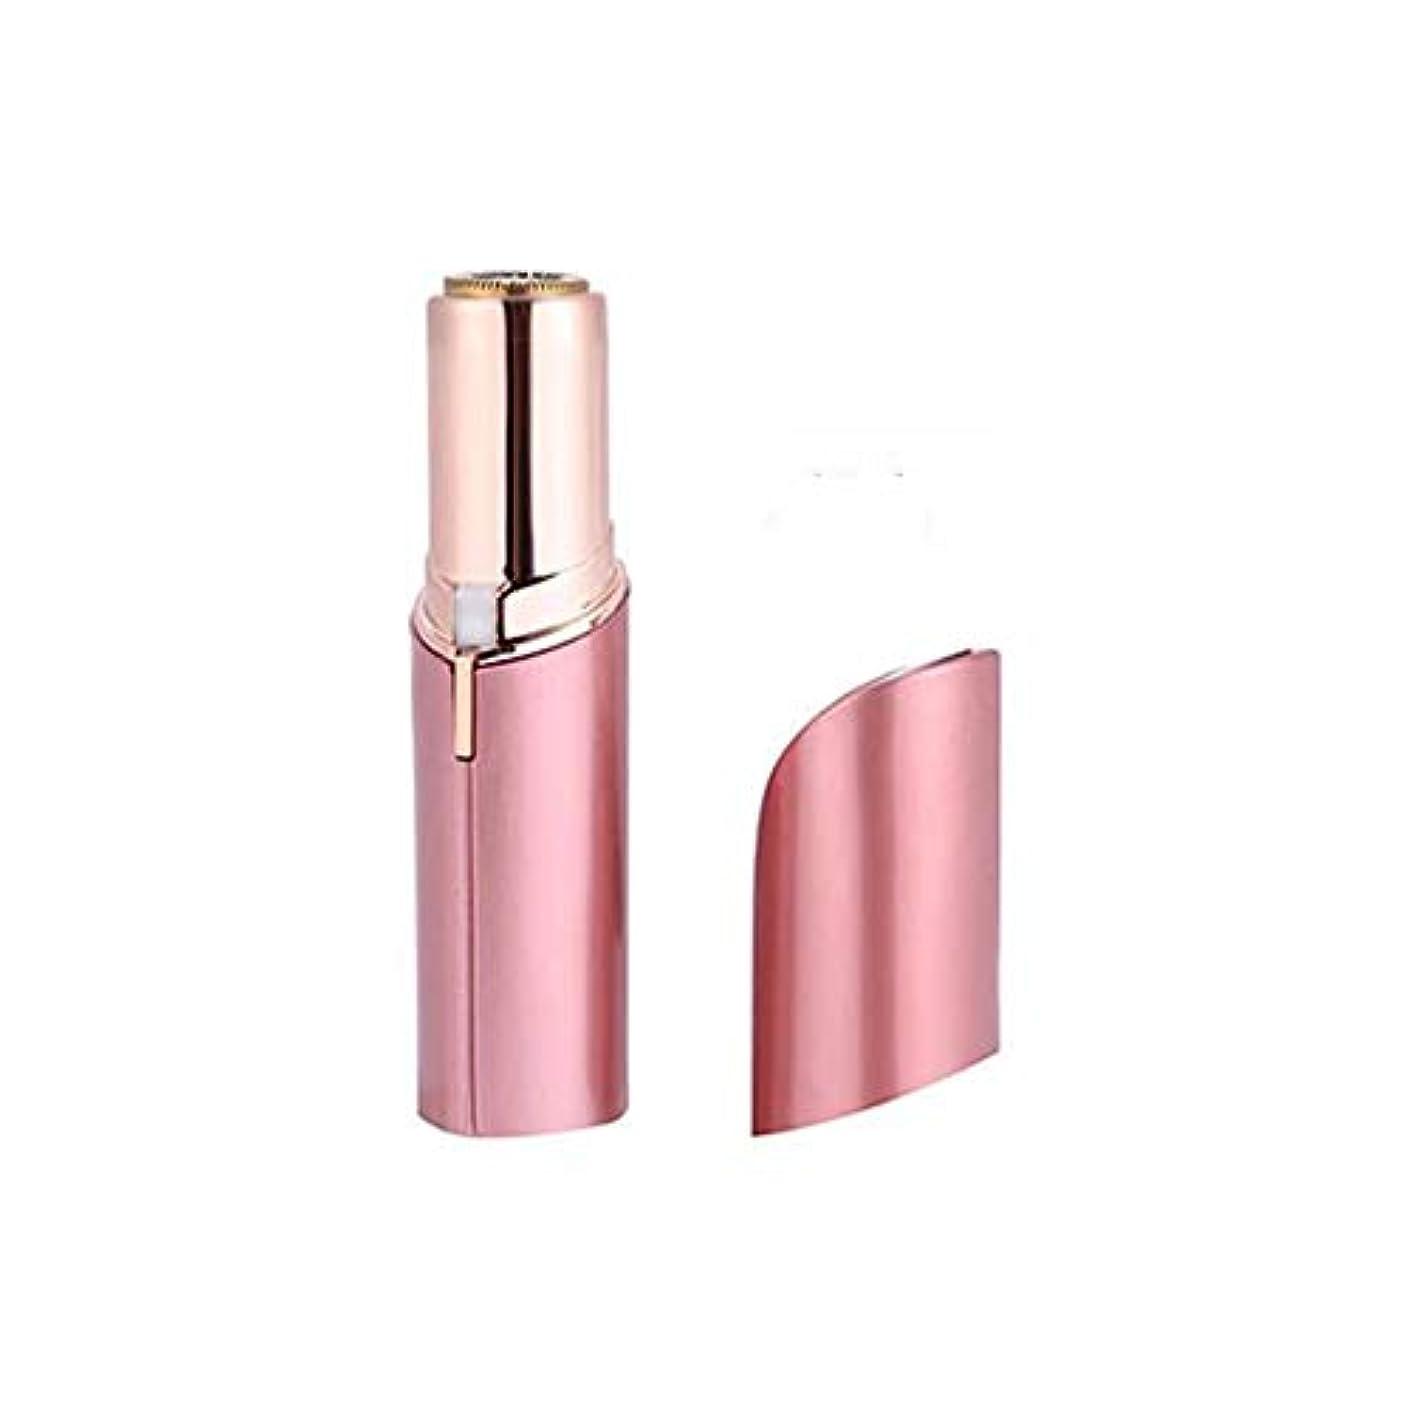 準備した最高チョコレートミニ電動眉毛トリマー女性痛みのない脱毛女性の眉毛脱毛器顔毛シェーバーリムーバーUSB充電式,Pink,USBcharging